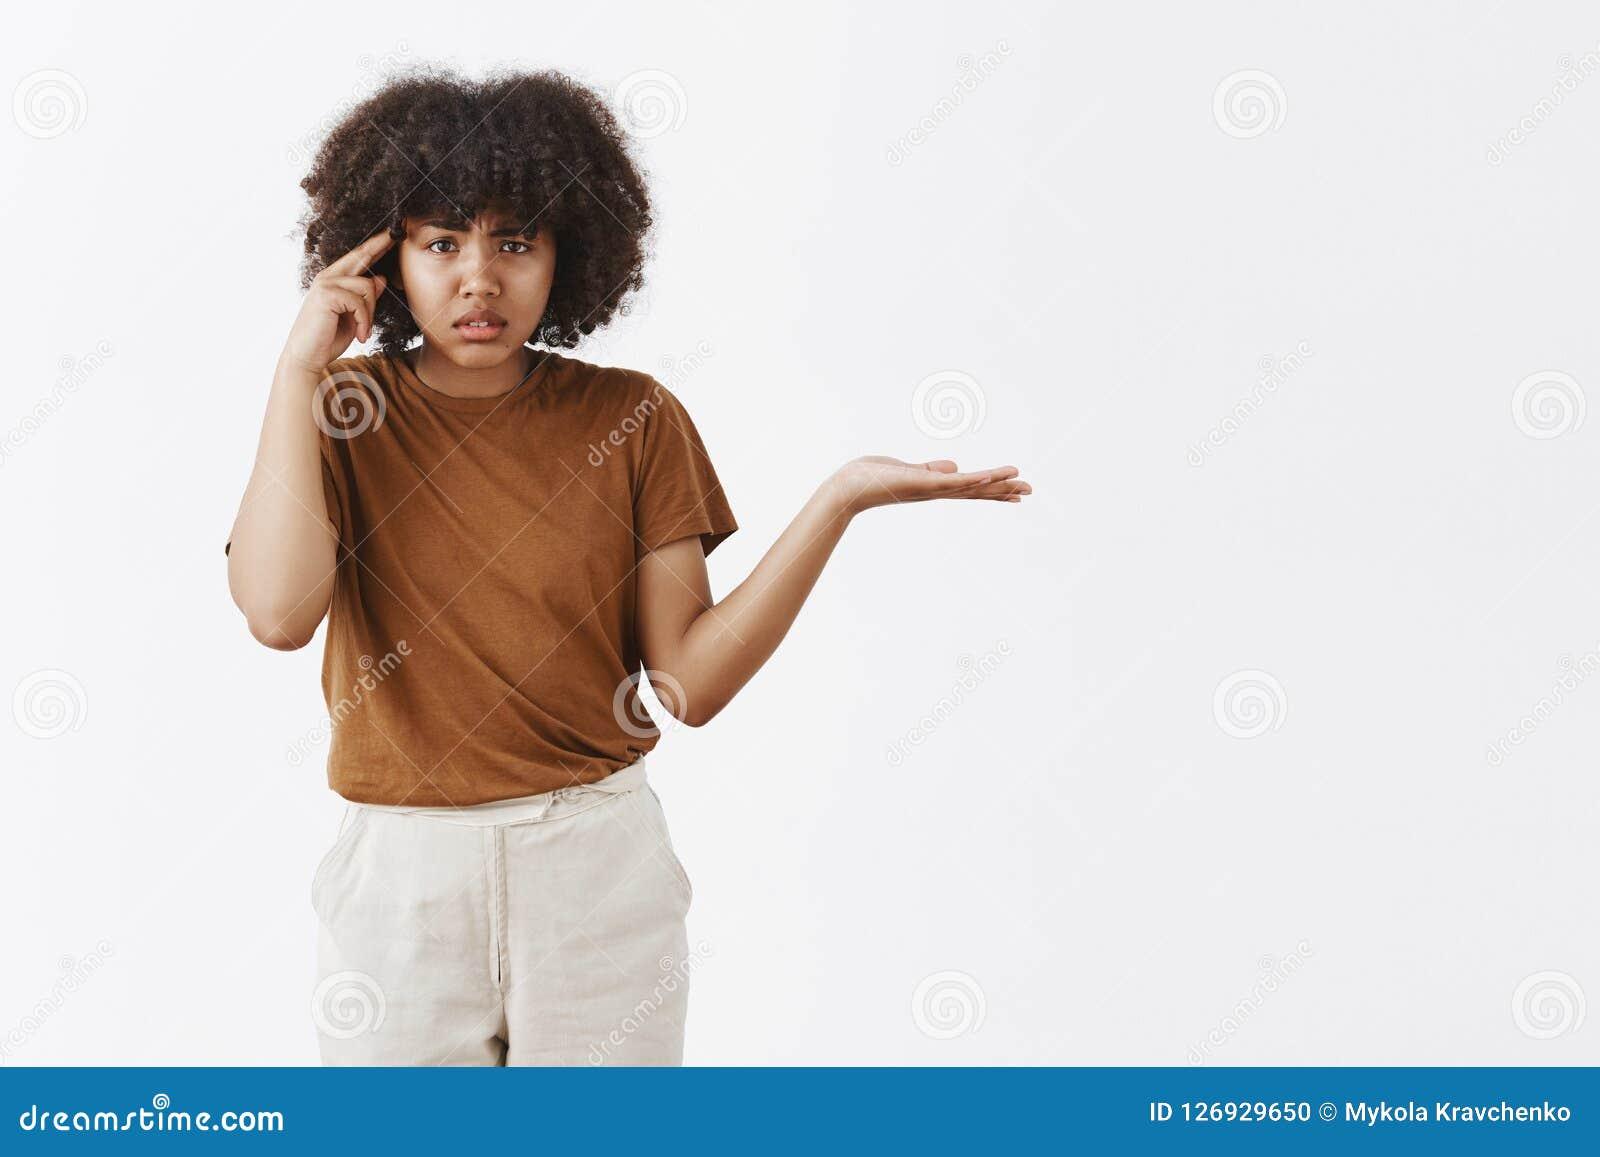 Es usted mudo o estúpido Retrato de la mujer afroamericana preguntada enfadada y cabreada con el encogimiento afro del peinado